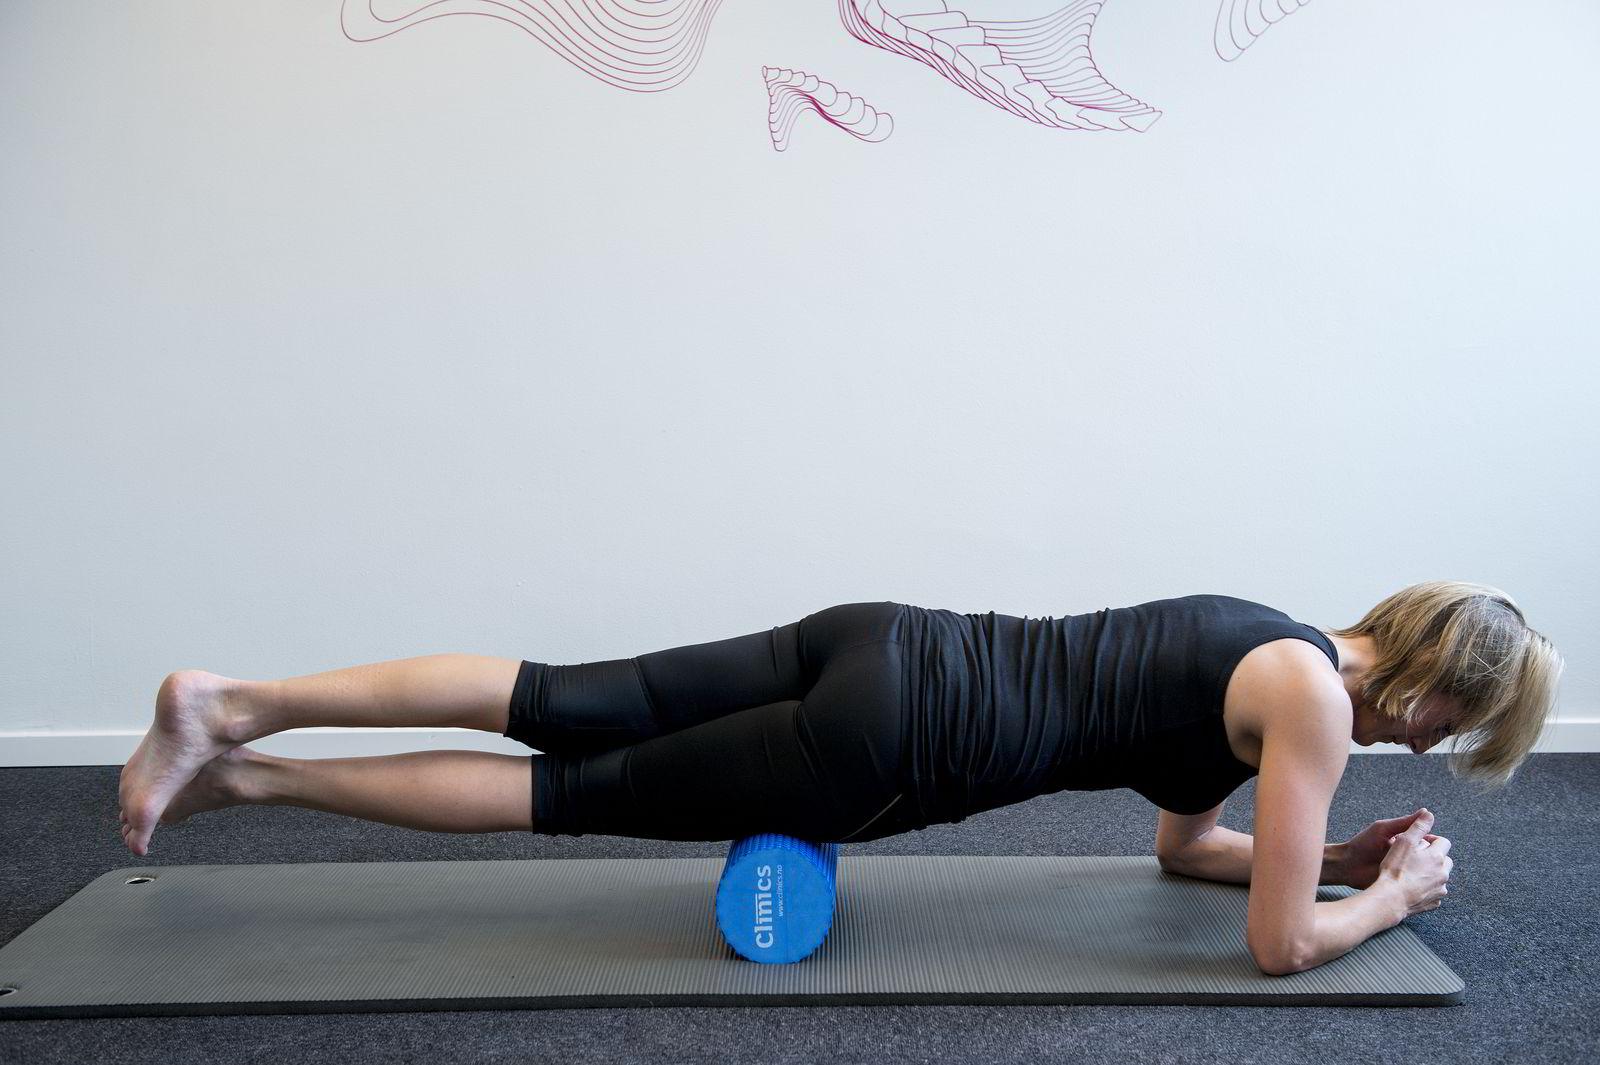 FORSIDE LÅR: Rull fra over kneet og opp til hoften, rull da litt mot siden for å få tak i hoftebøyeren.